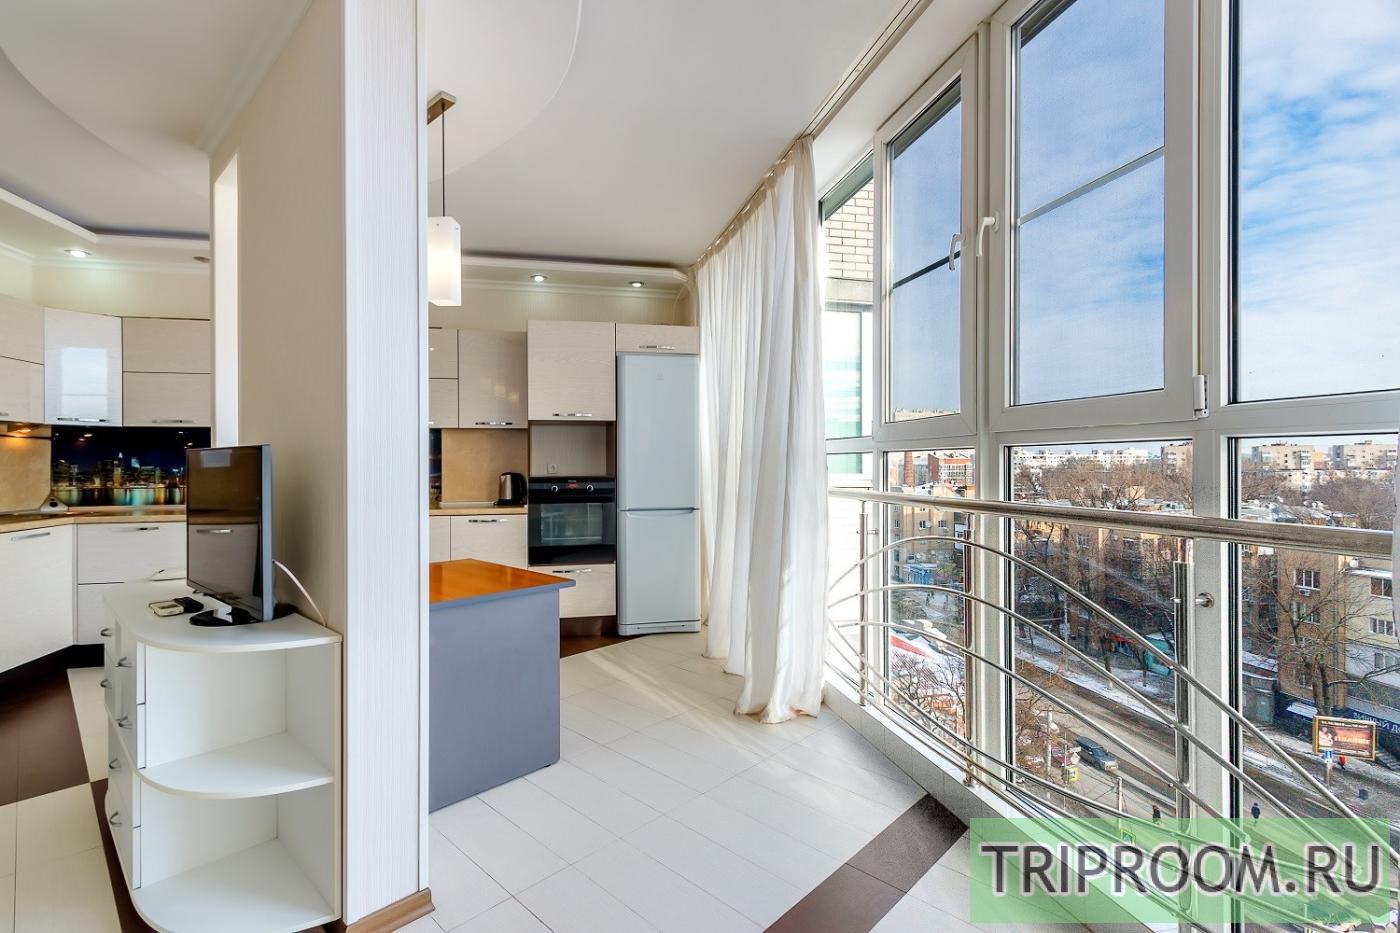 2-комнатная квартира посуточно (вариант № 35498), ул. Лермонтовская улица, фото № 2